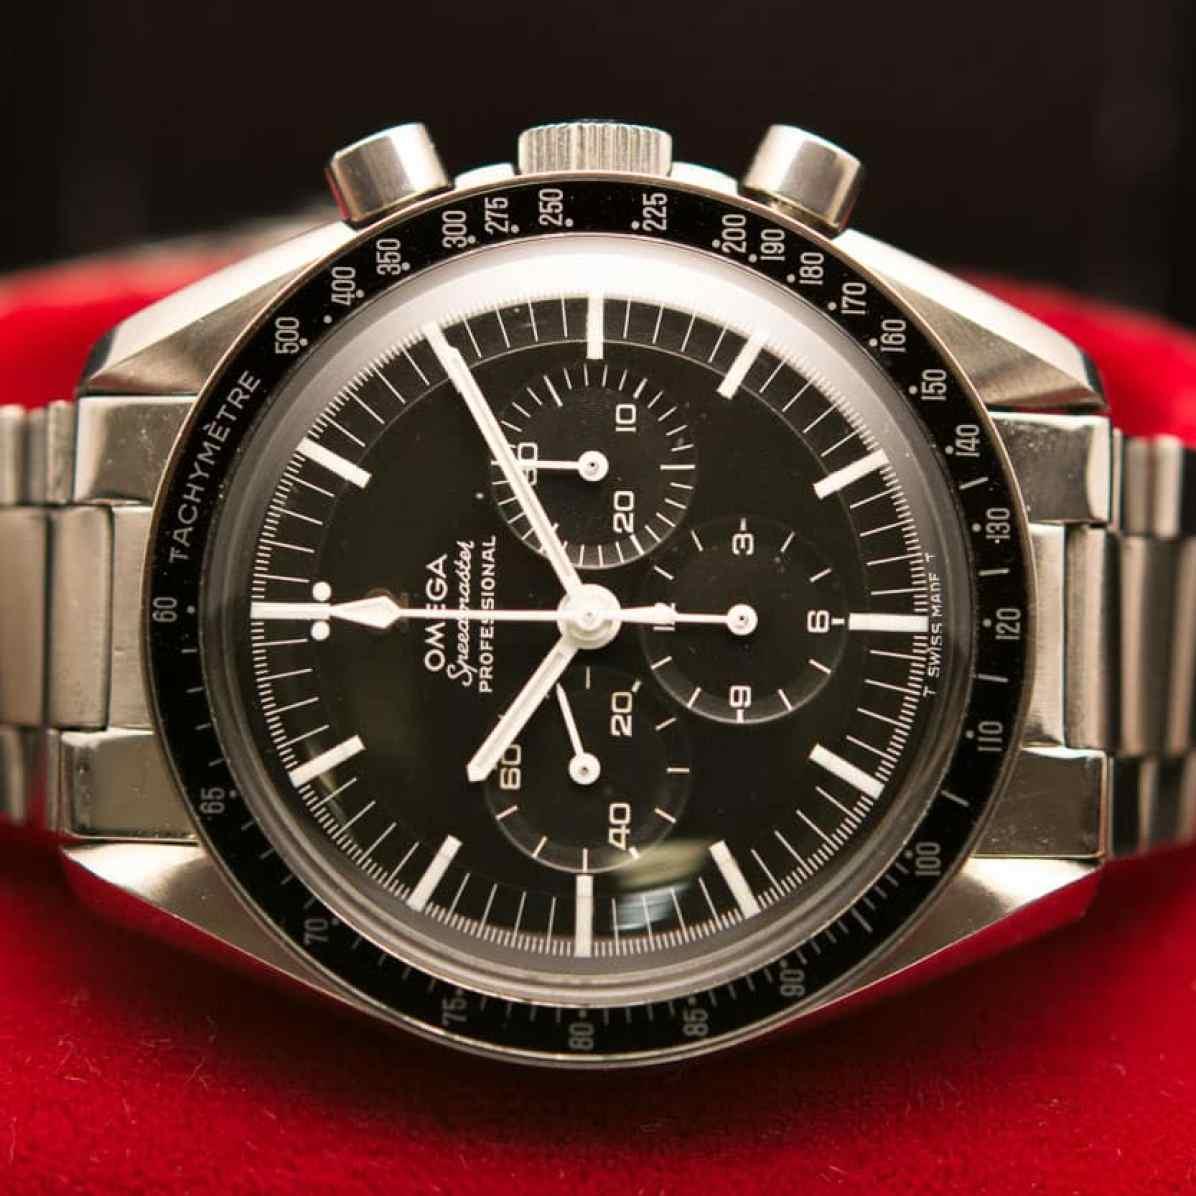 Omega Speedmaster Professional 145.012